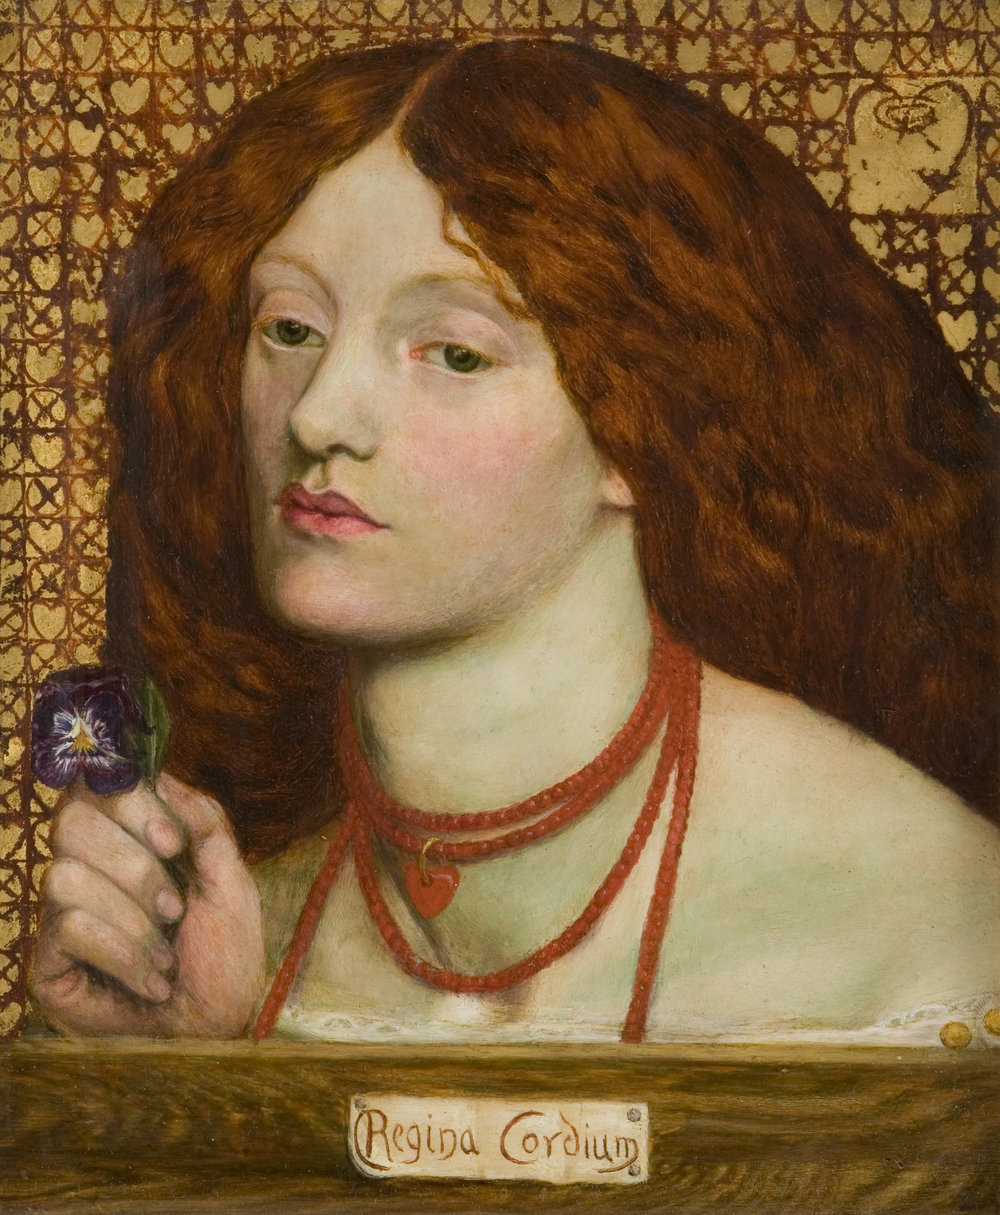 Dante Gabriel Rossetti 'Regina Cordium'